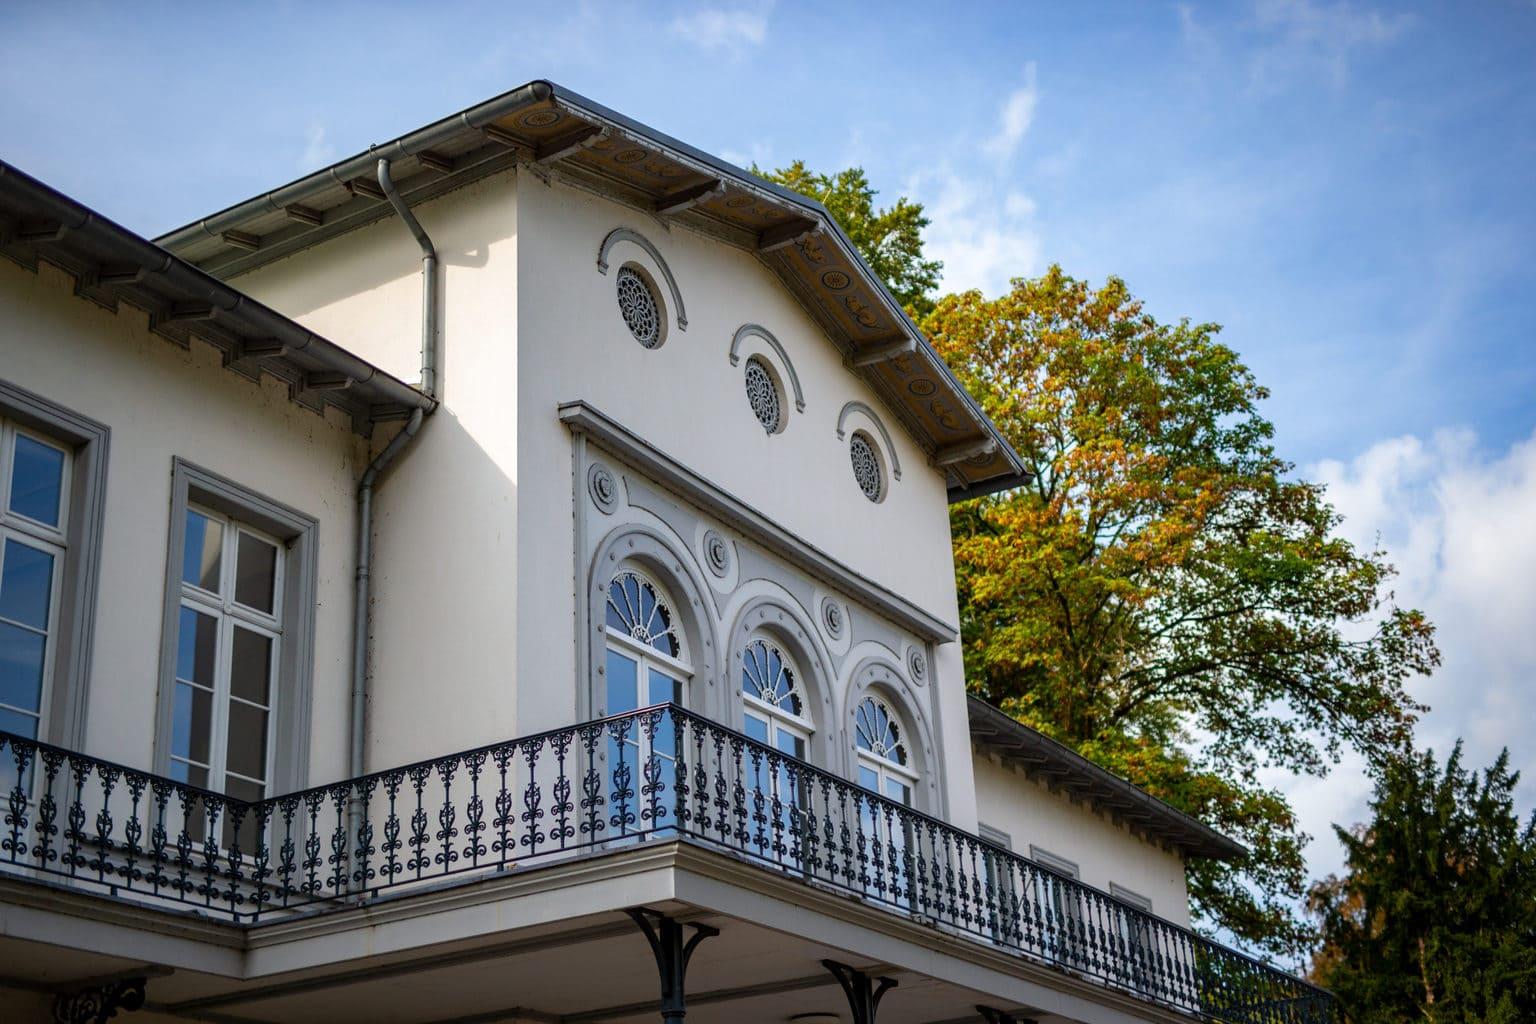 Museum Kurhaus in het Duitse stadje Kleef, waar Joseph Beuys opgegroeid is